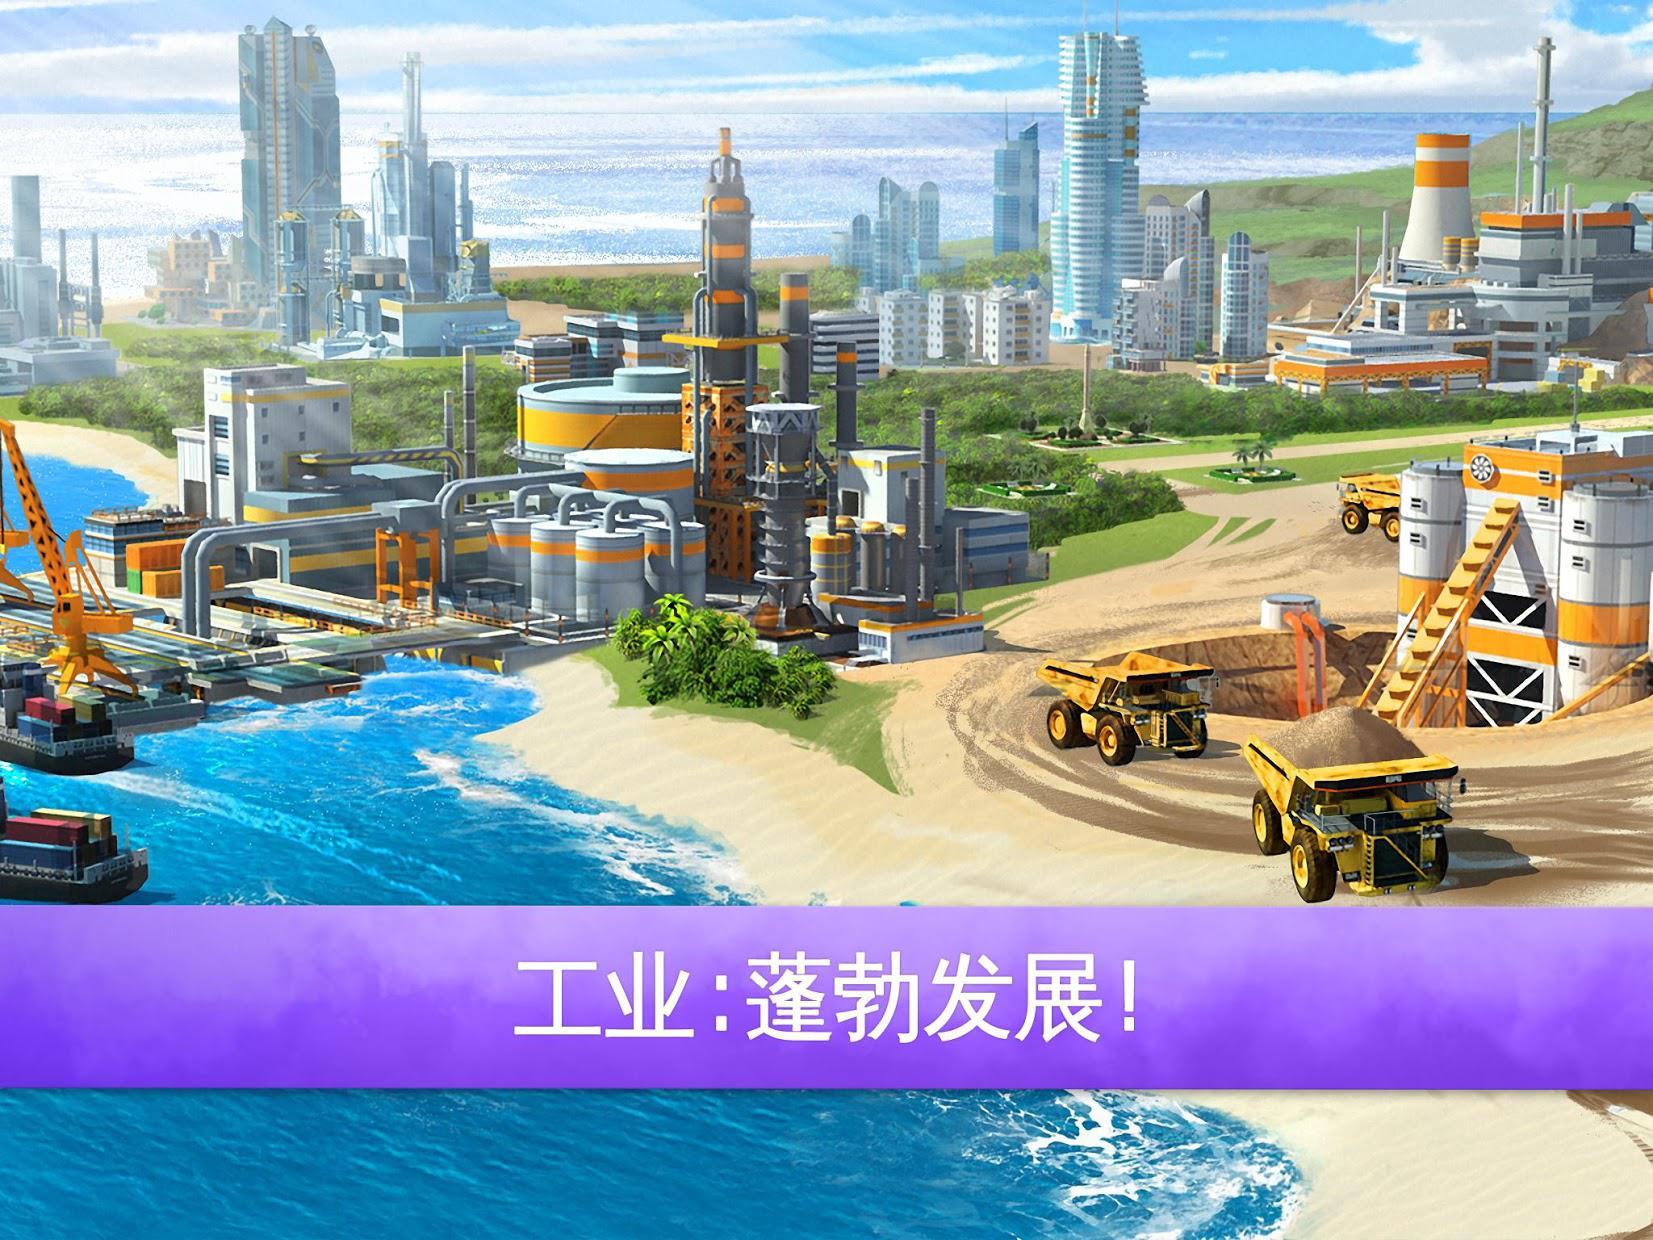 迷你大城市2 游戏截图5